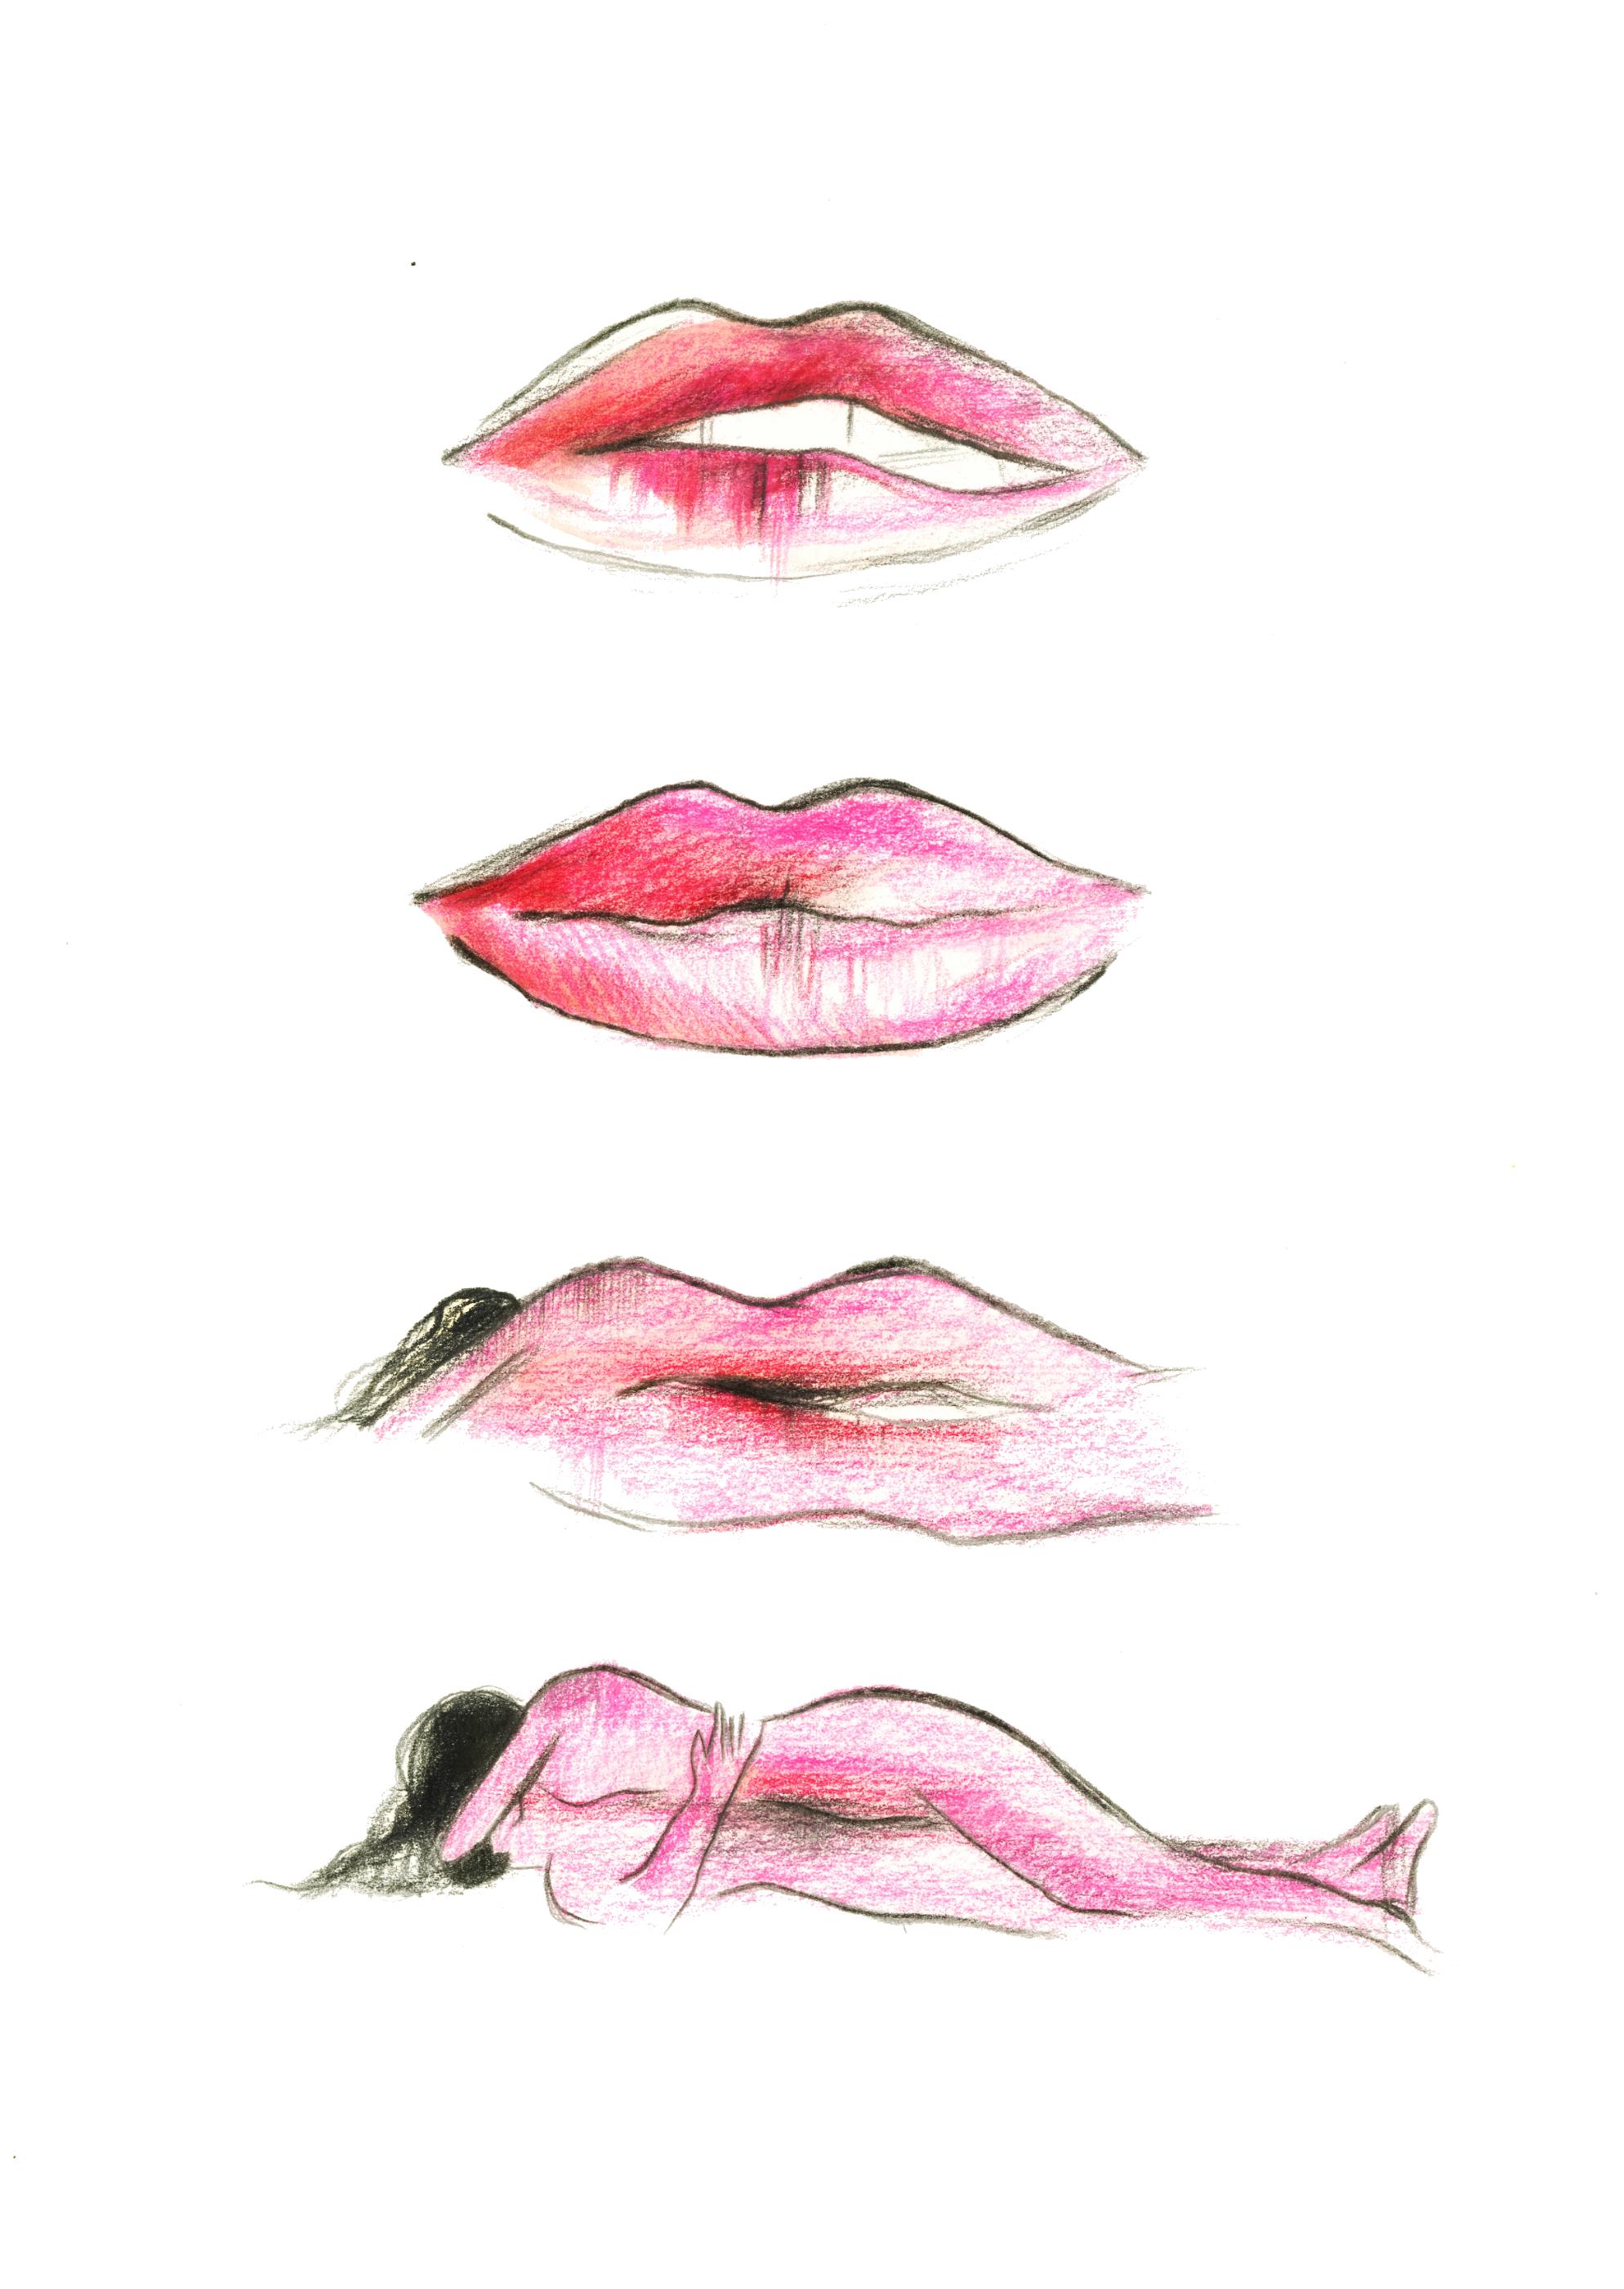 Le baiser | GALERIE TREIZE DIX / LE BAISER | NOÉMIE CHUST